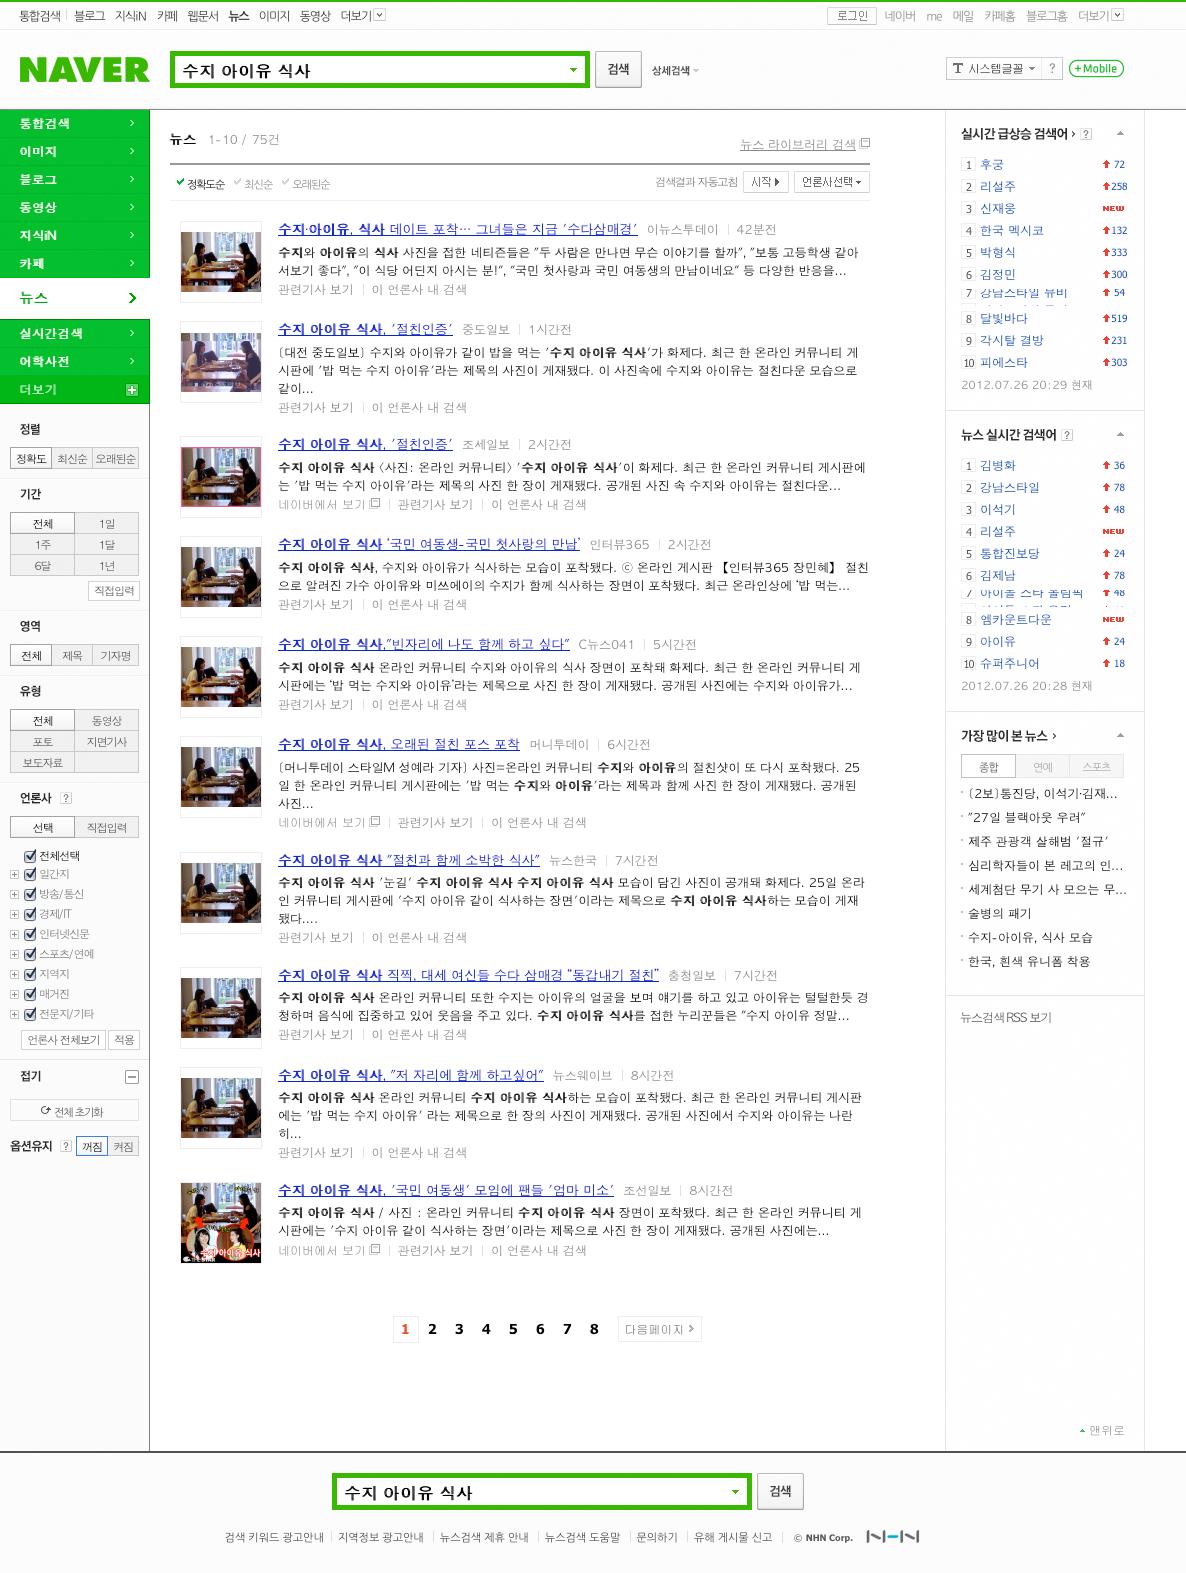 2012. 07. 26 20:29 - 수지 아이유 식사 사진으로 올라온 기사들... (클릭하면 원본사진)